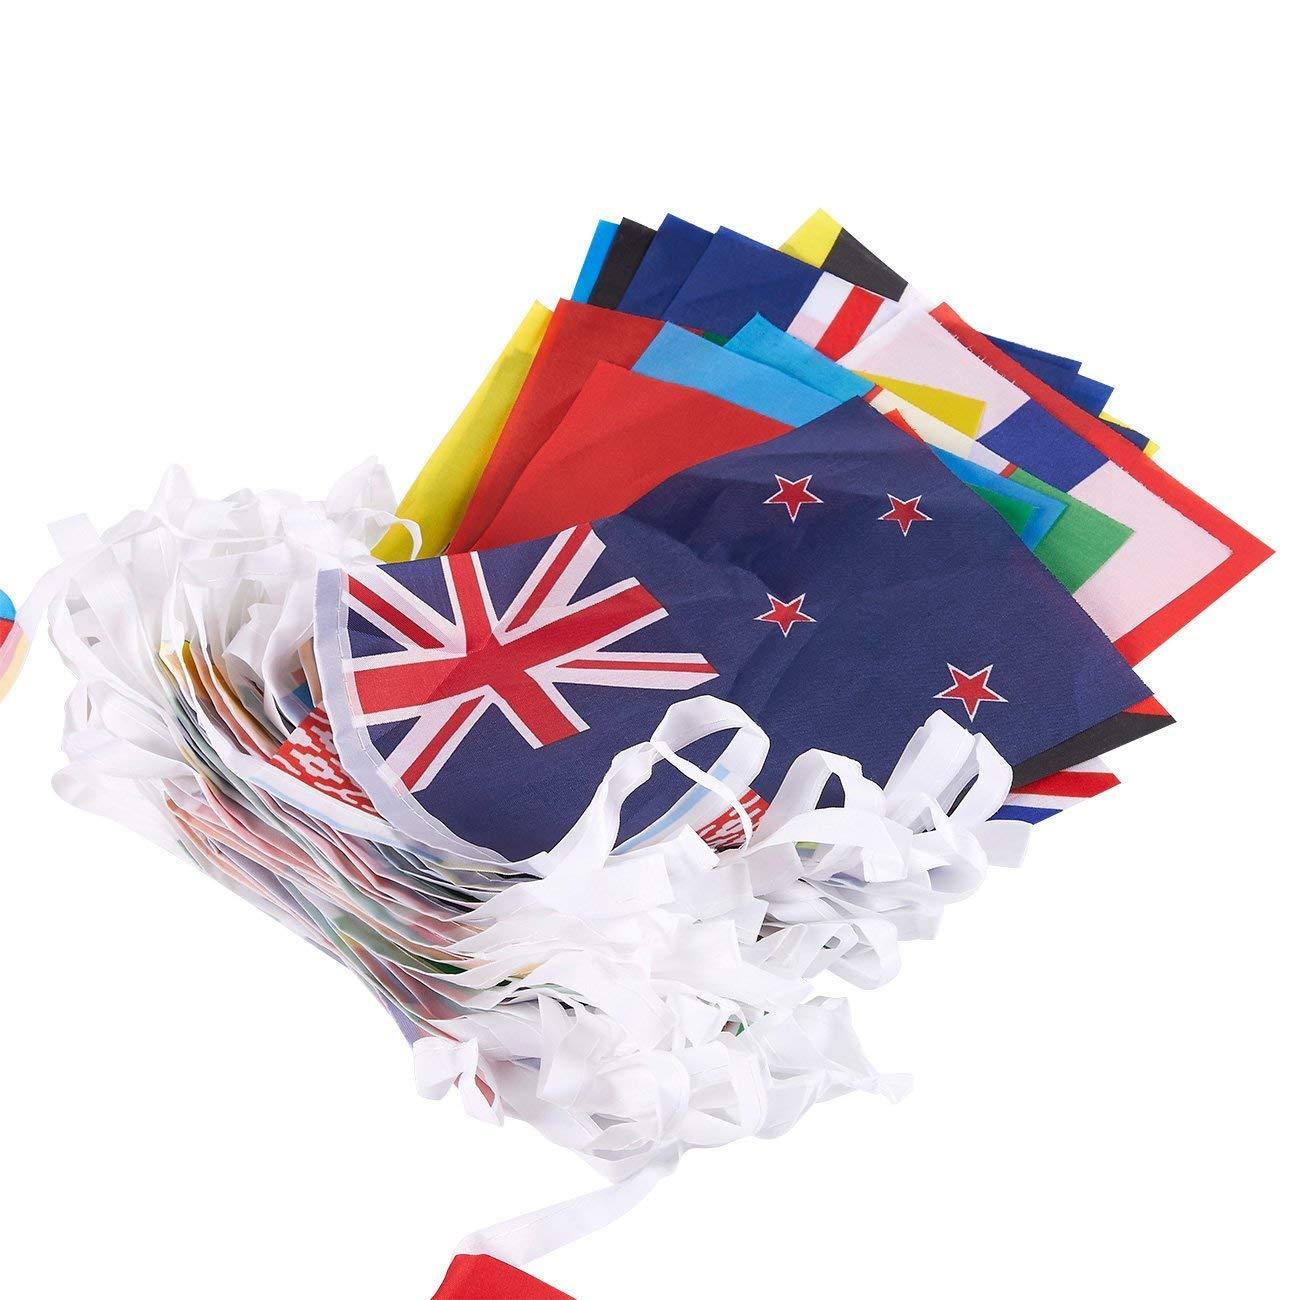 banderas internacionales del mundo cada bandera mide 13,2 x 23,3 cm 24,3 m de longitud Juvale decoraci/ón de fiesta Juego de 100 banderas de pa/íses diferentes varios colores